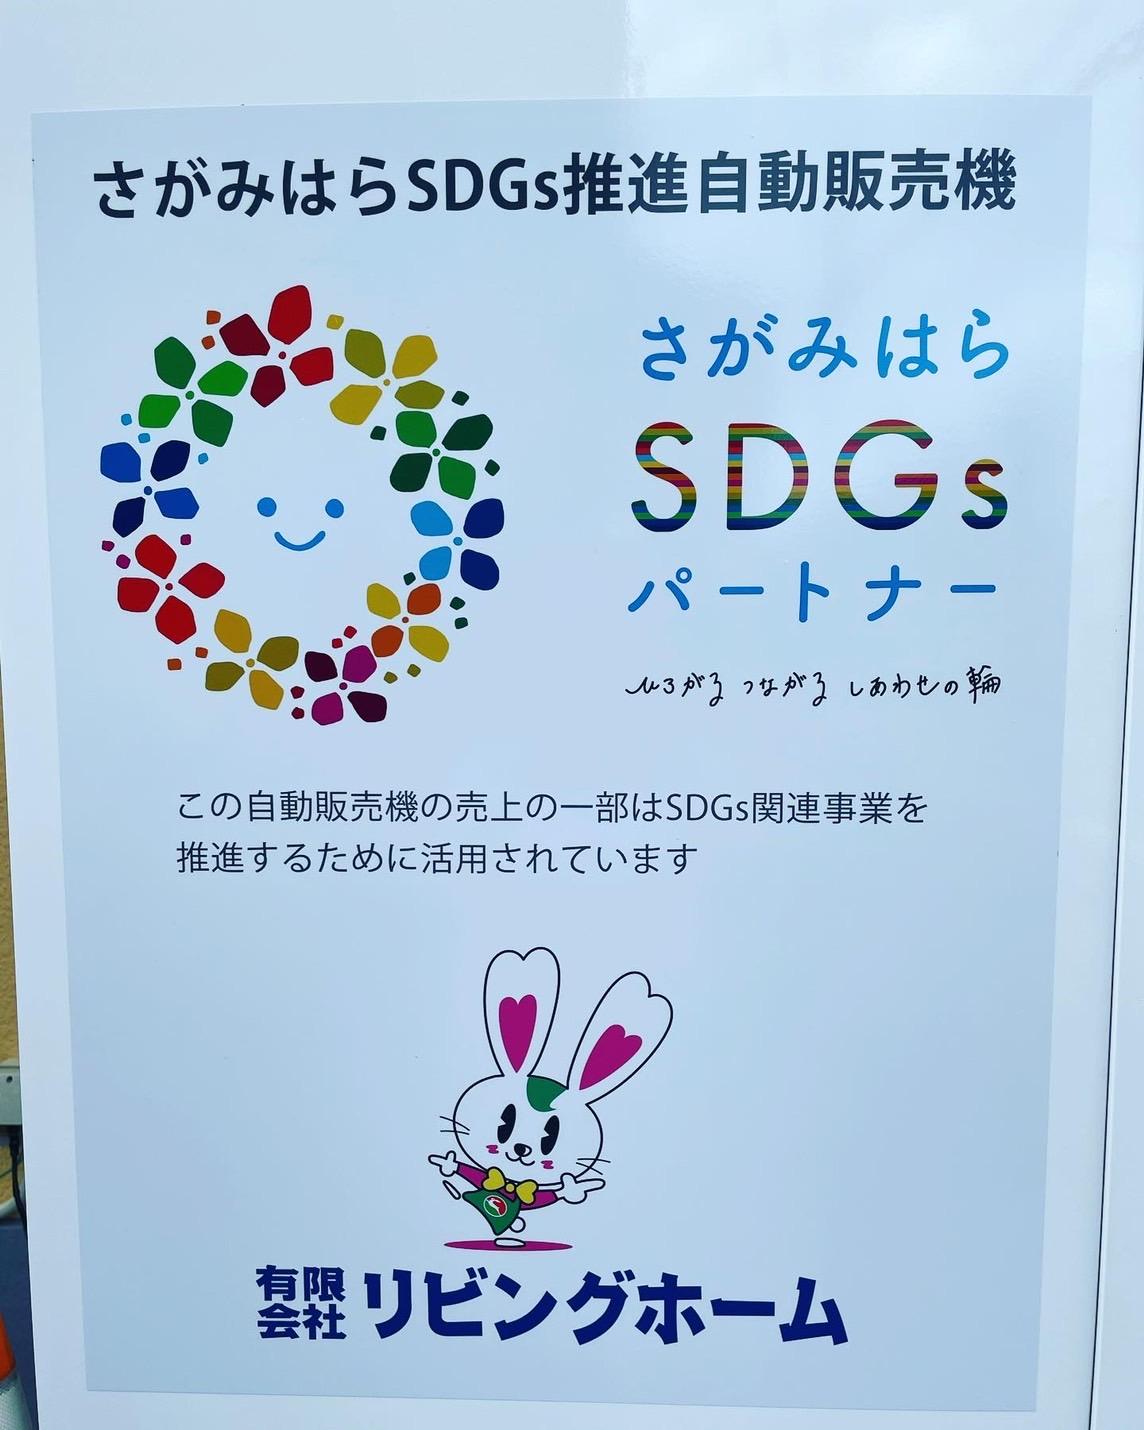 (有)リビングホーム 相模原 SDGs 不動産 相談